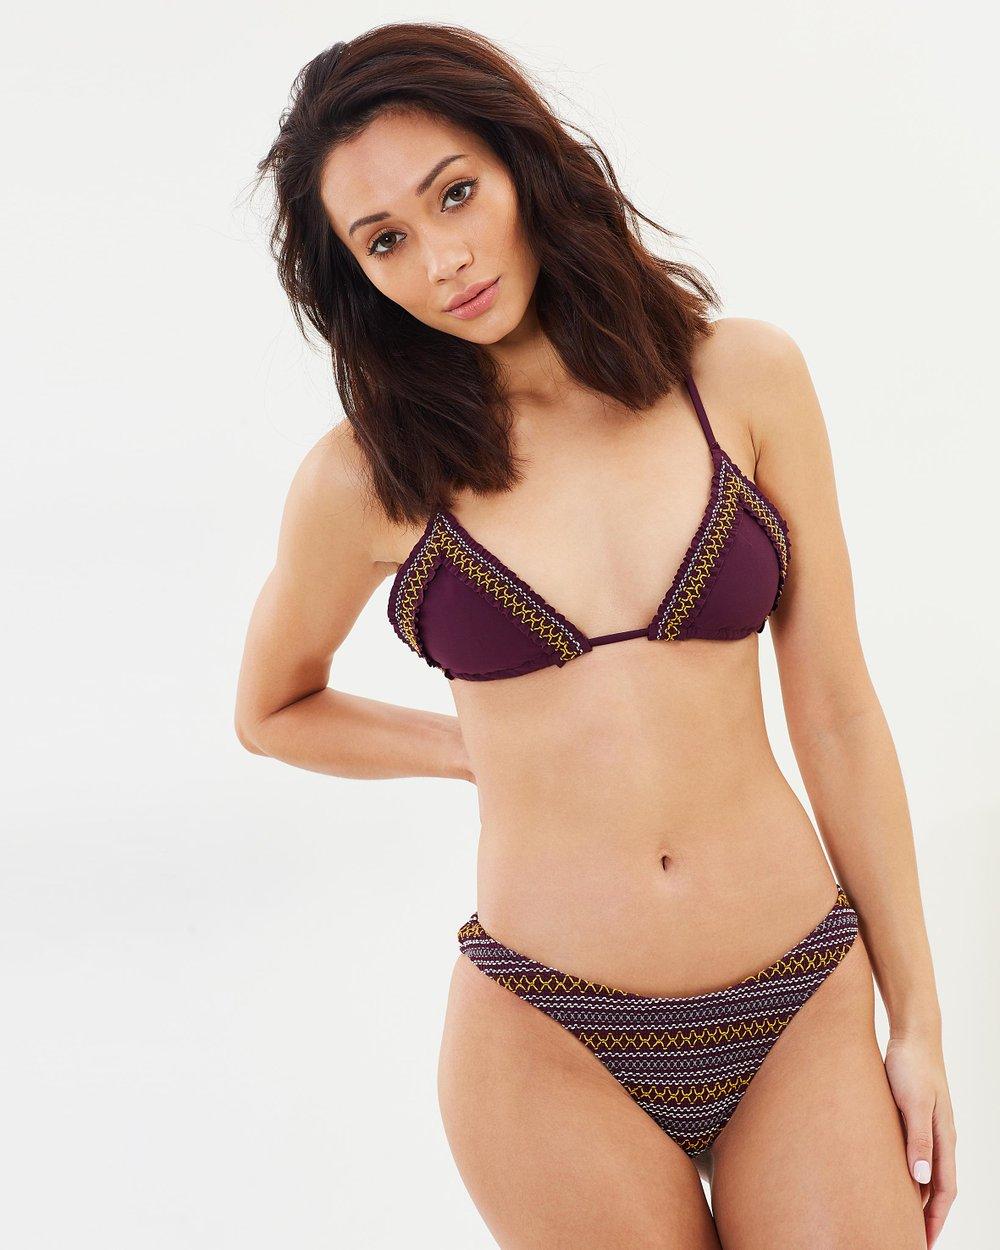 b900f0878ce39 Fidelia Elle Pants by Tigerlily Online